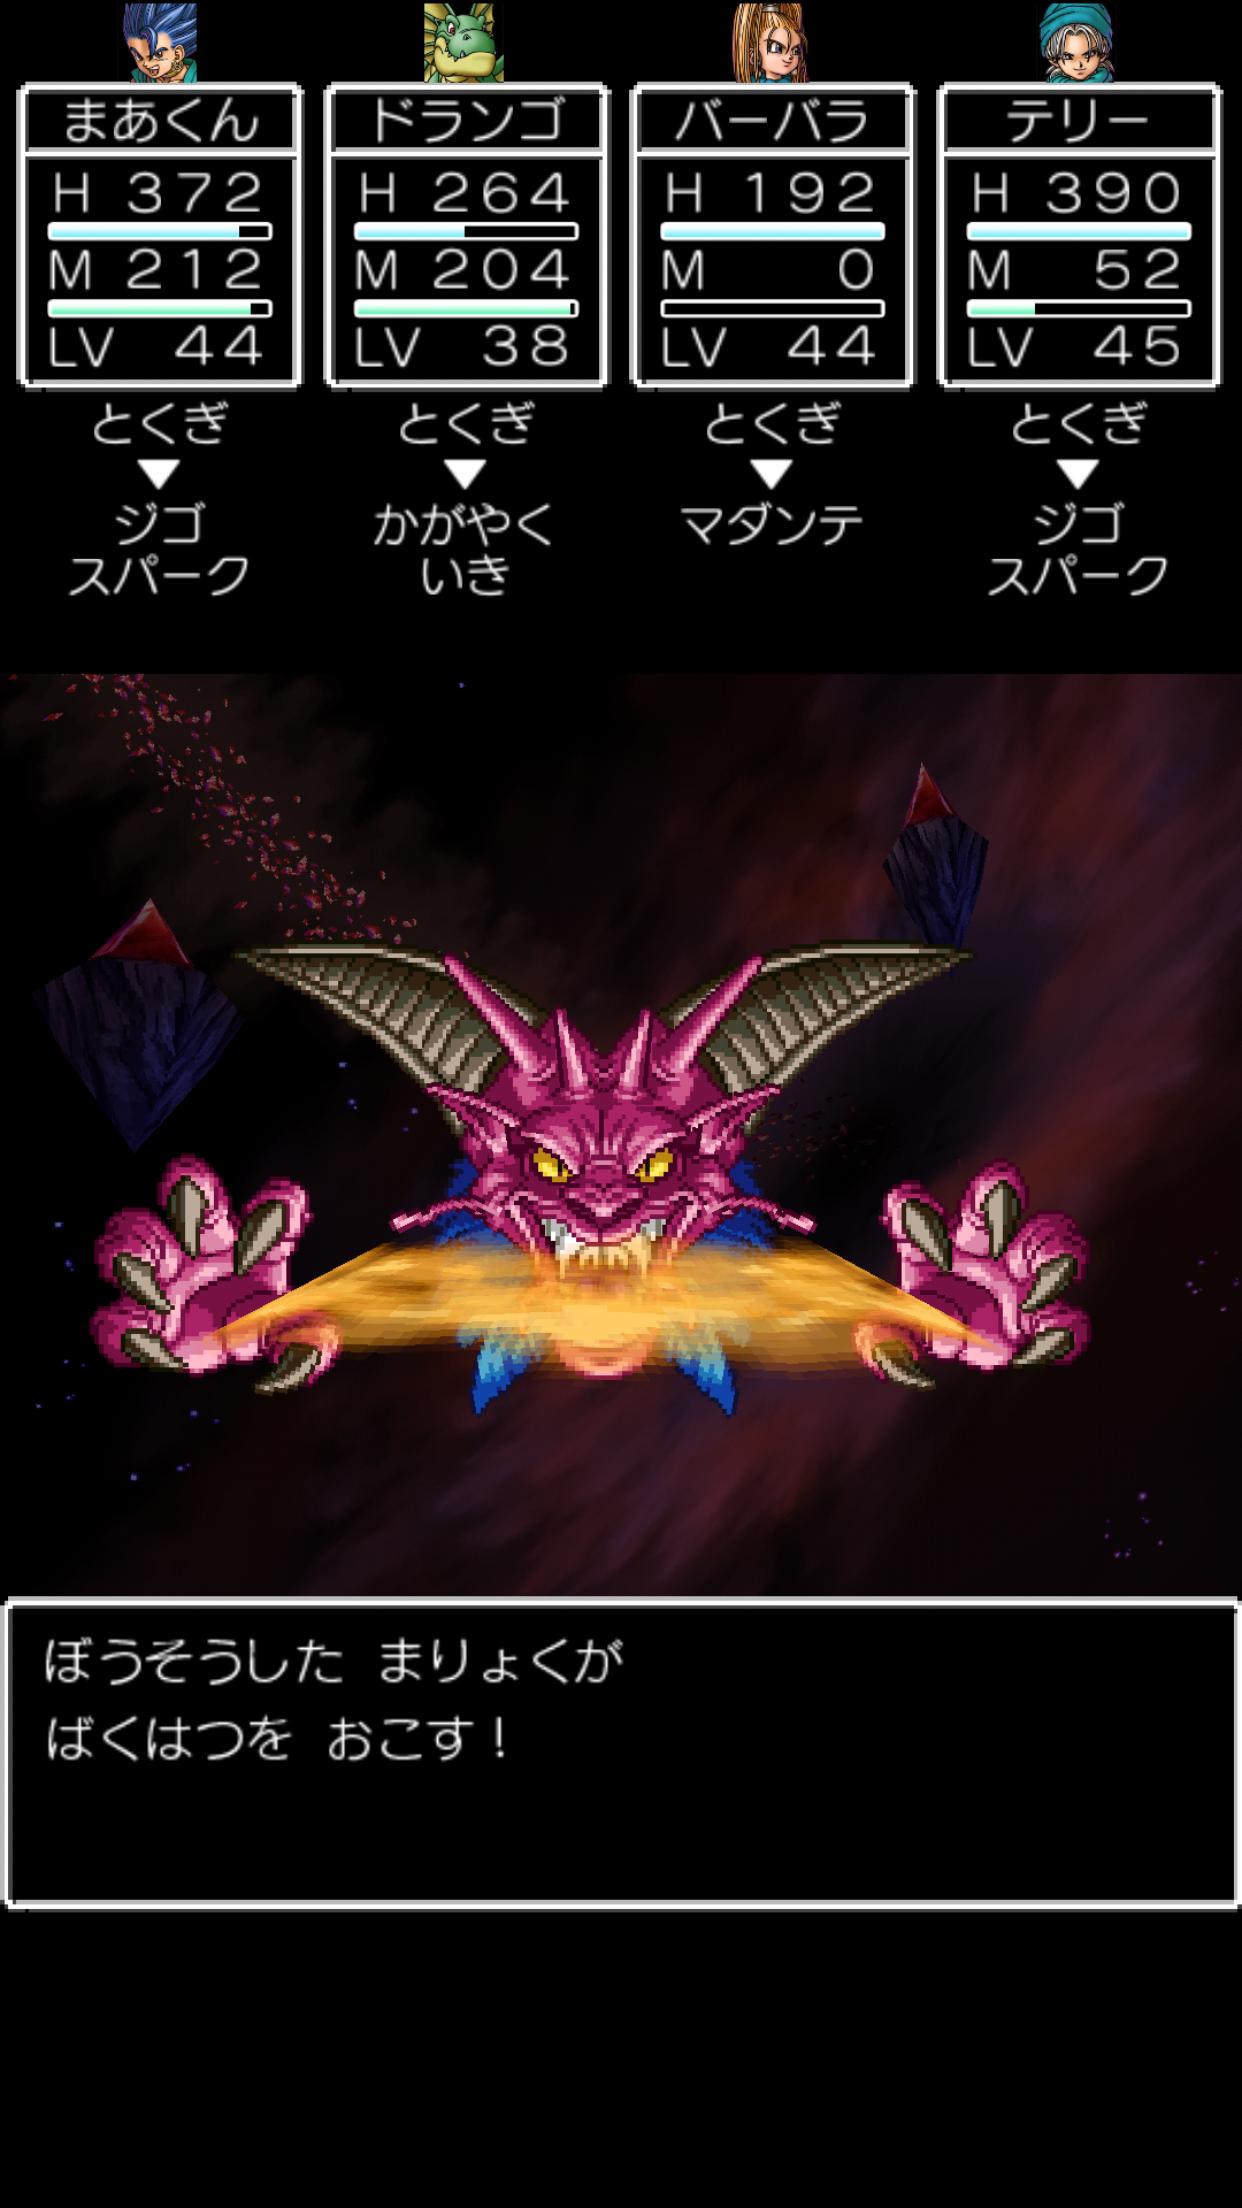 f:id:masanori-kato1972:20190613175413p:image